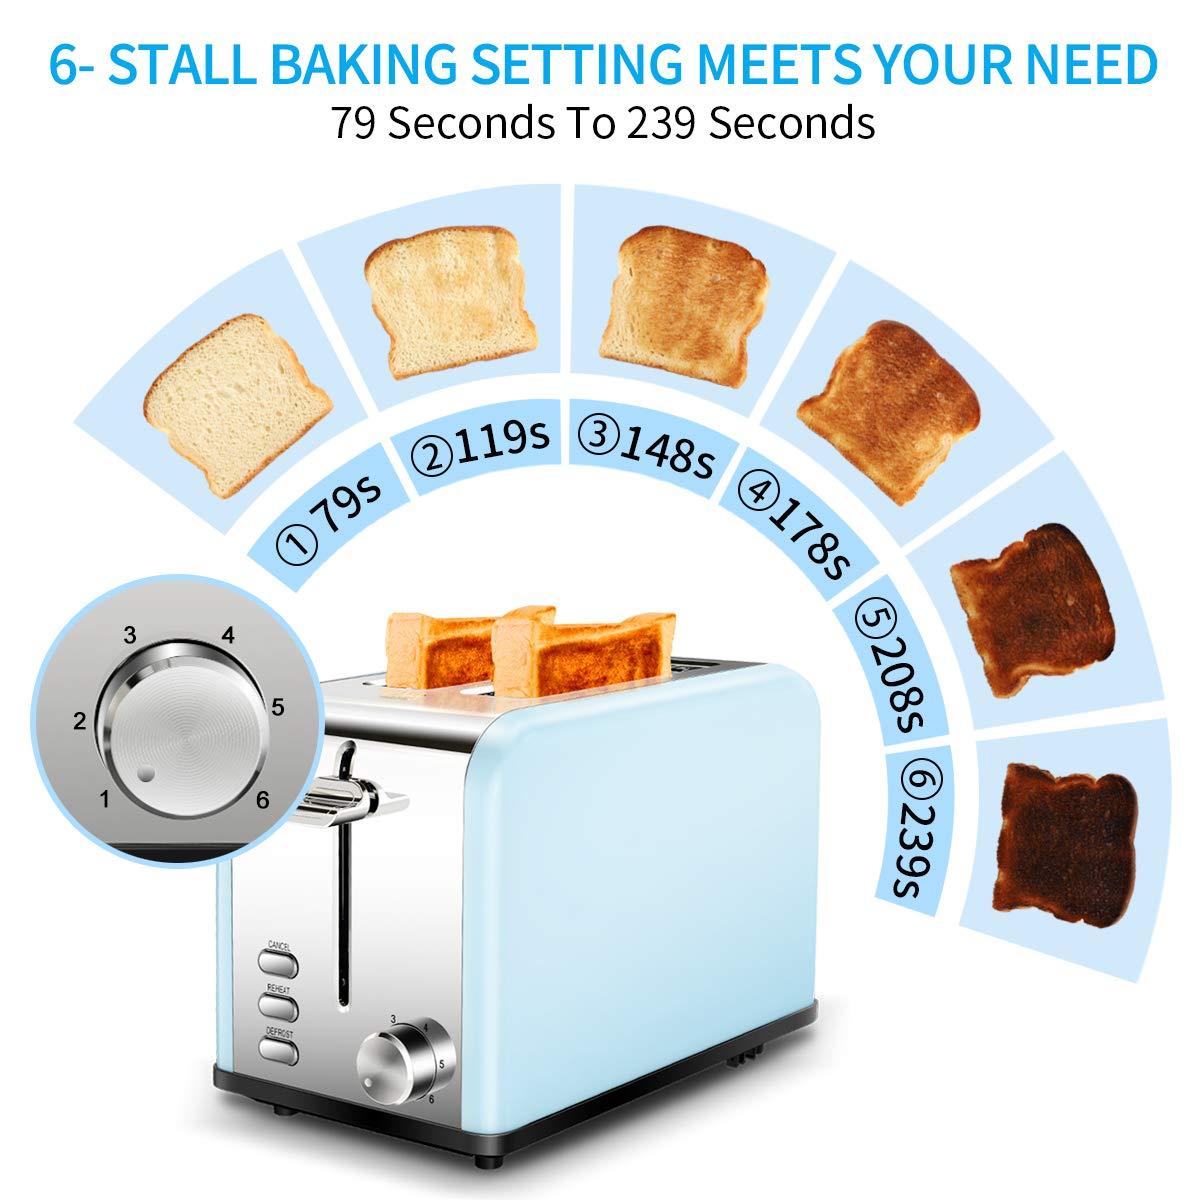 Grille-pain 2 tranches, Keenstone Slice Toaster Grille pain en acier inoxydable, 6 Contrôle du brunissement, Plateau à miettes amovible, Fonction de décongélation, de réchauffage et d\'annulation, Bleu